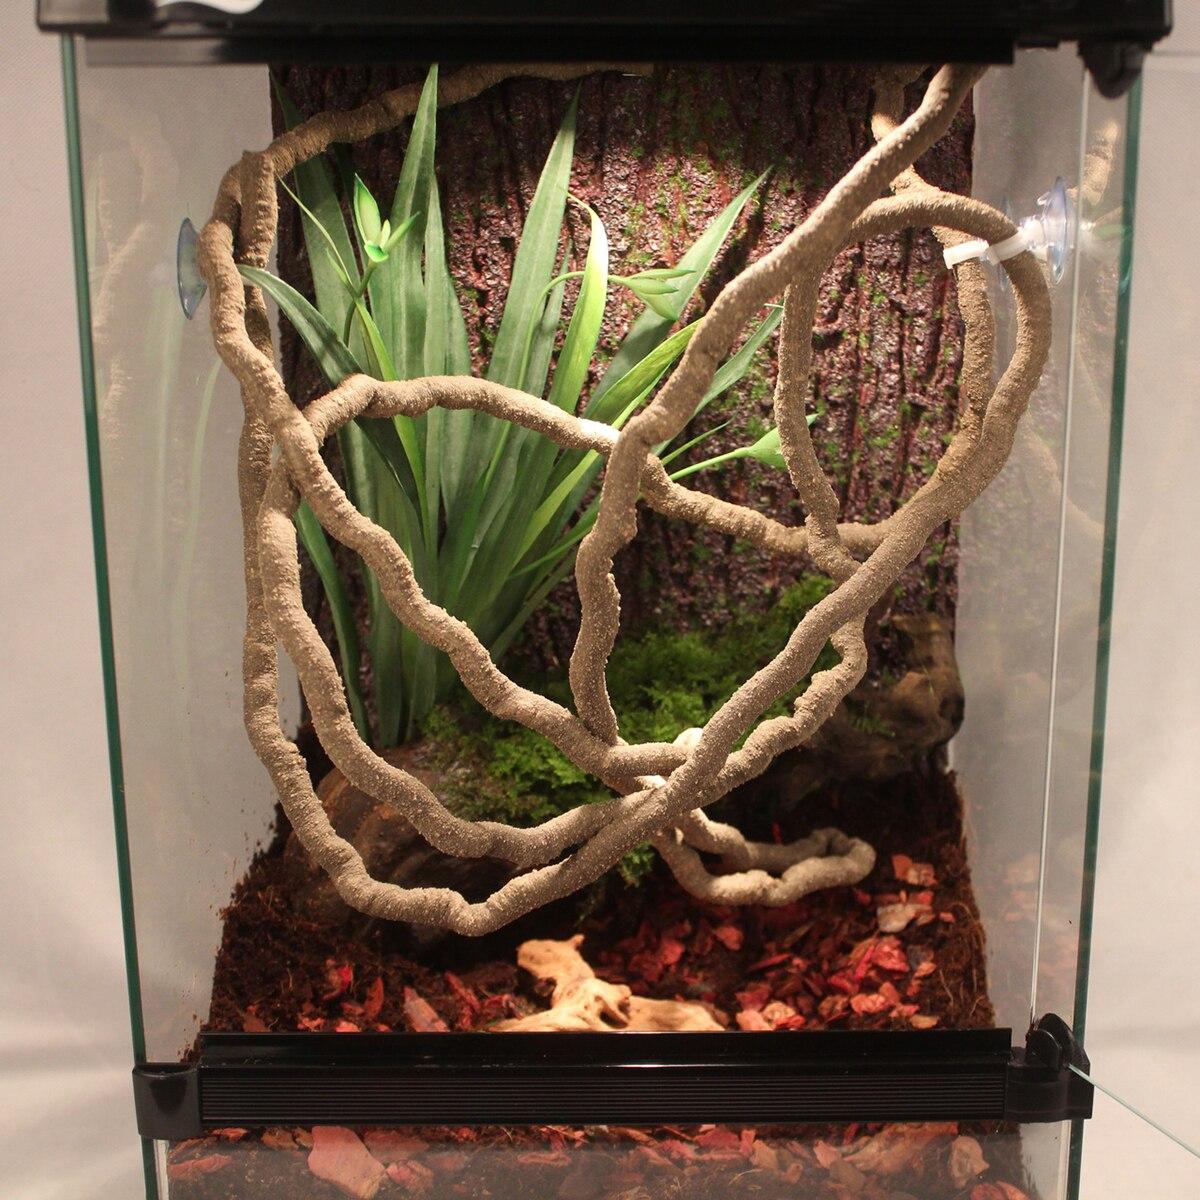 Terrarium Reptil Flexible Dschungel Vines 2 mt Flexible Biegsamen Haustier Eidechsen Spinnen Climber Lebensraum Vivarium Dekoration Zubehör